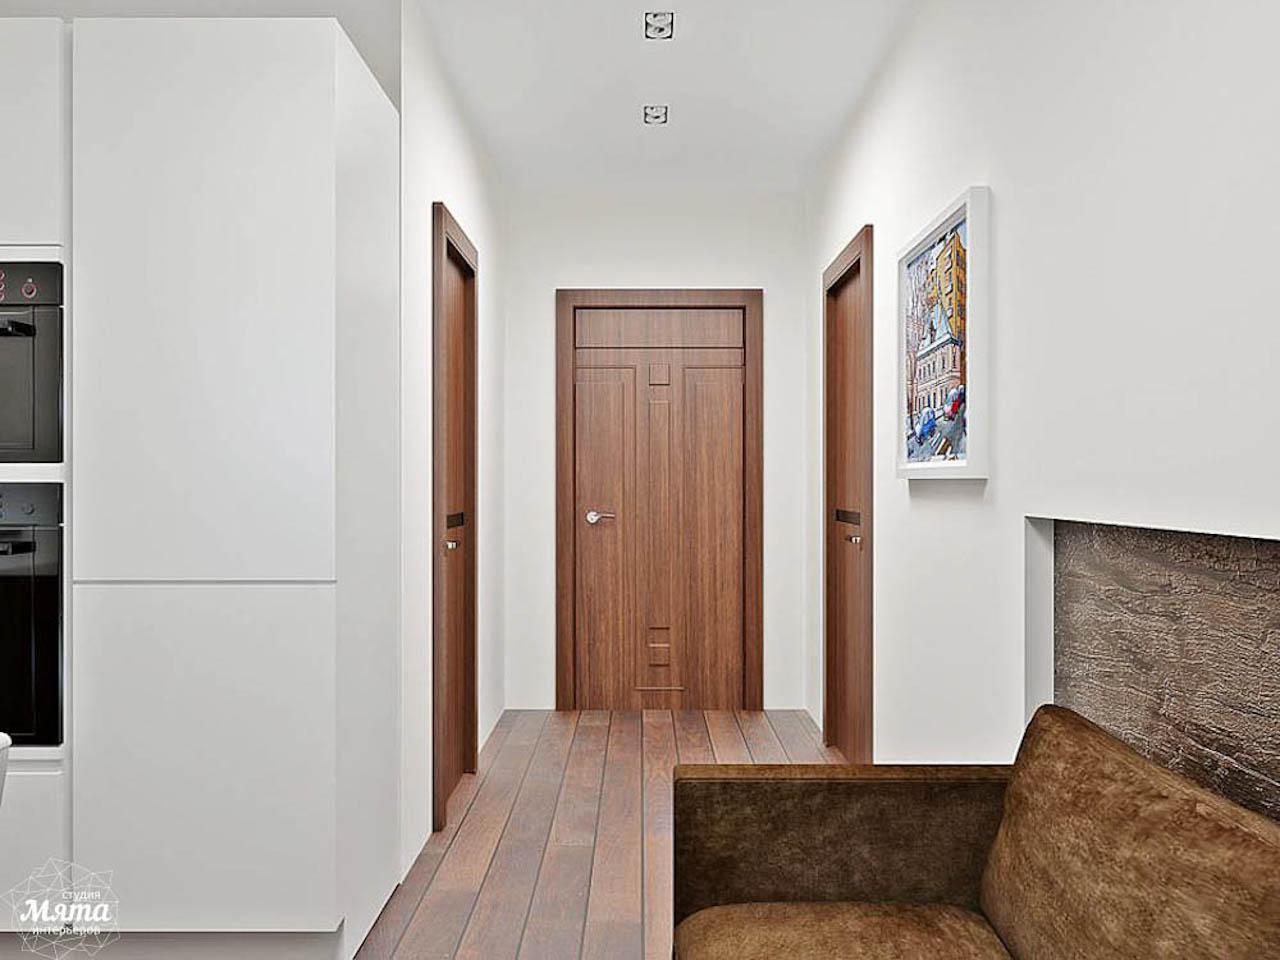 Дизайн интерьера однокомнатной квартиры в стиле хай тек по ул. Щербакова 35 img1782055049